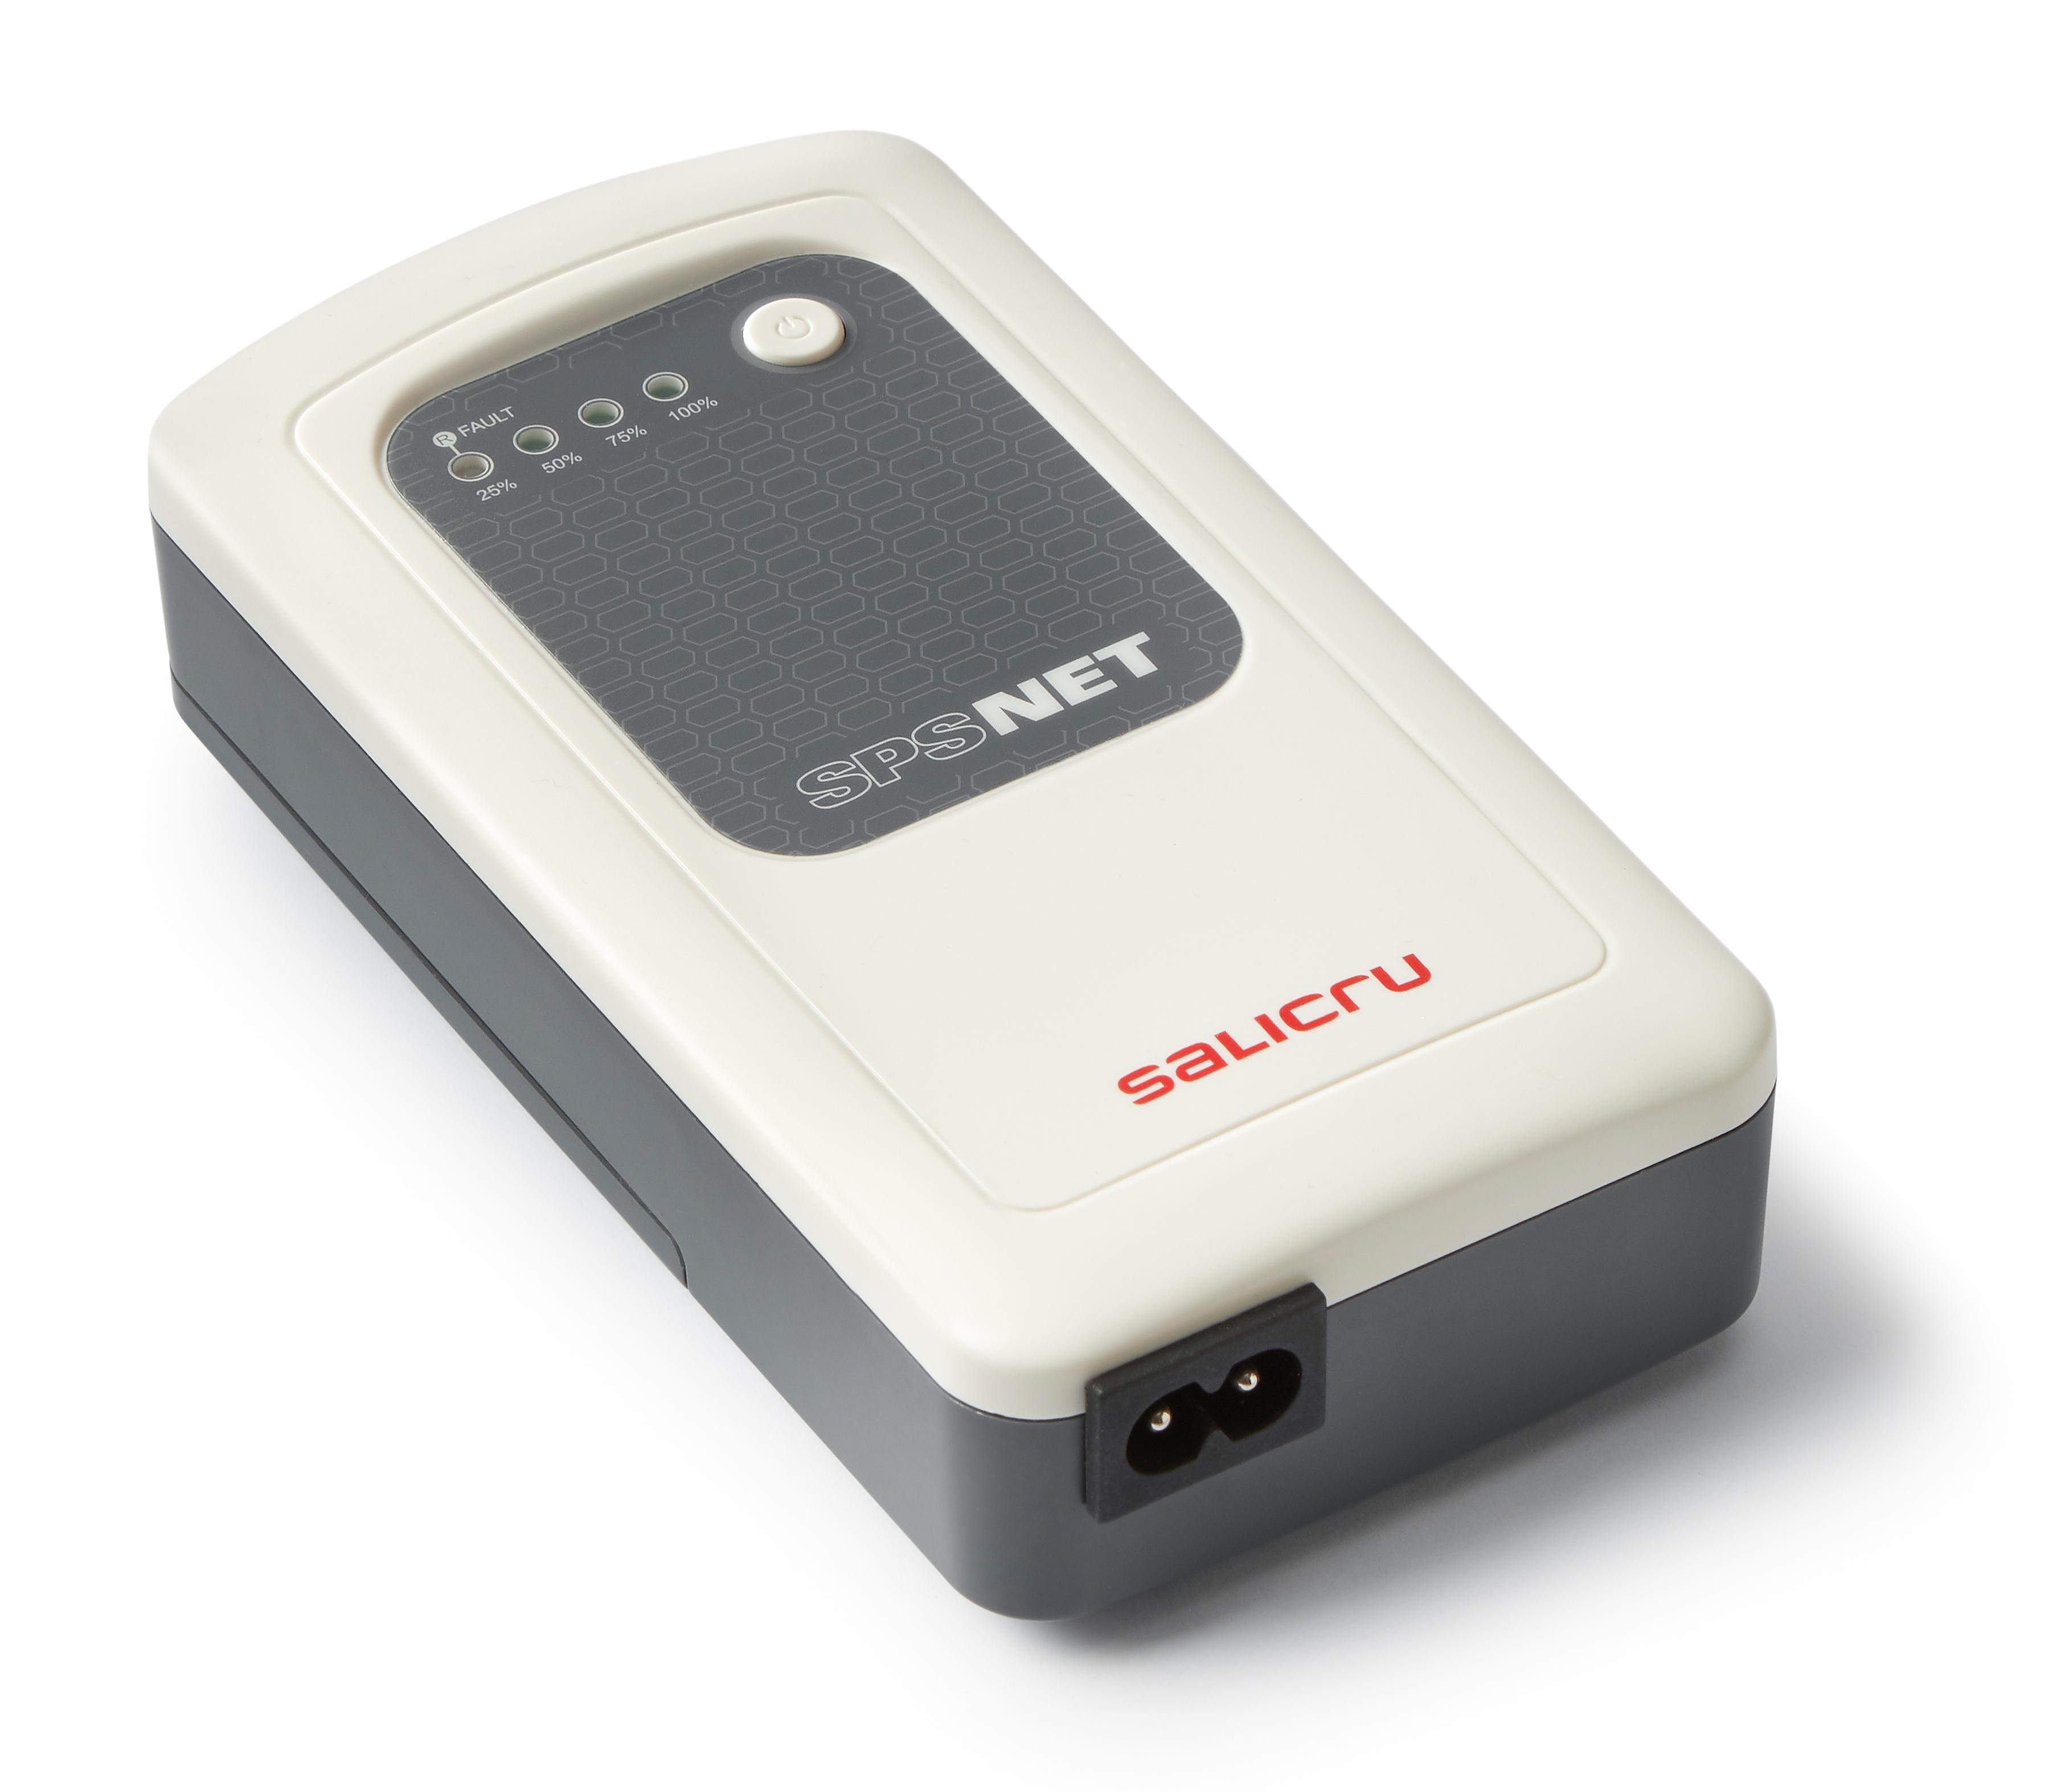 Vorschau: SALICRU USV SALICRU SPS NET DC USV (Absicherung von Routern/Modem)